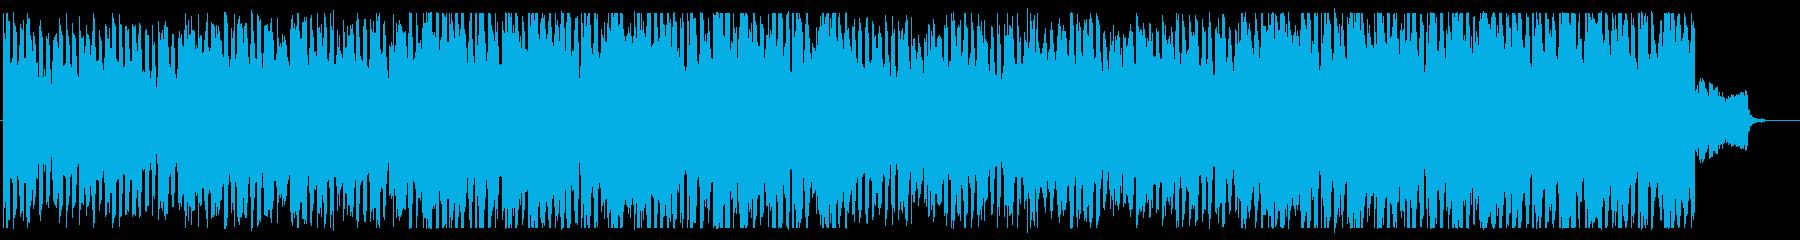 感動 壮大 エモい ピアノ ポップスの再生済みの波形